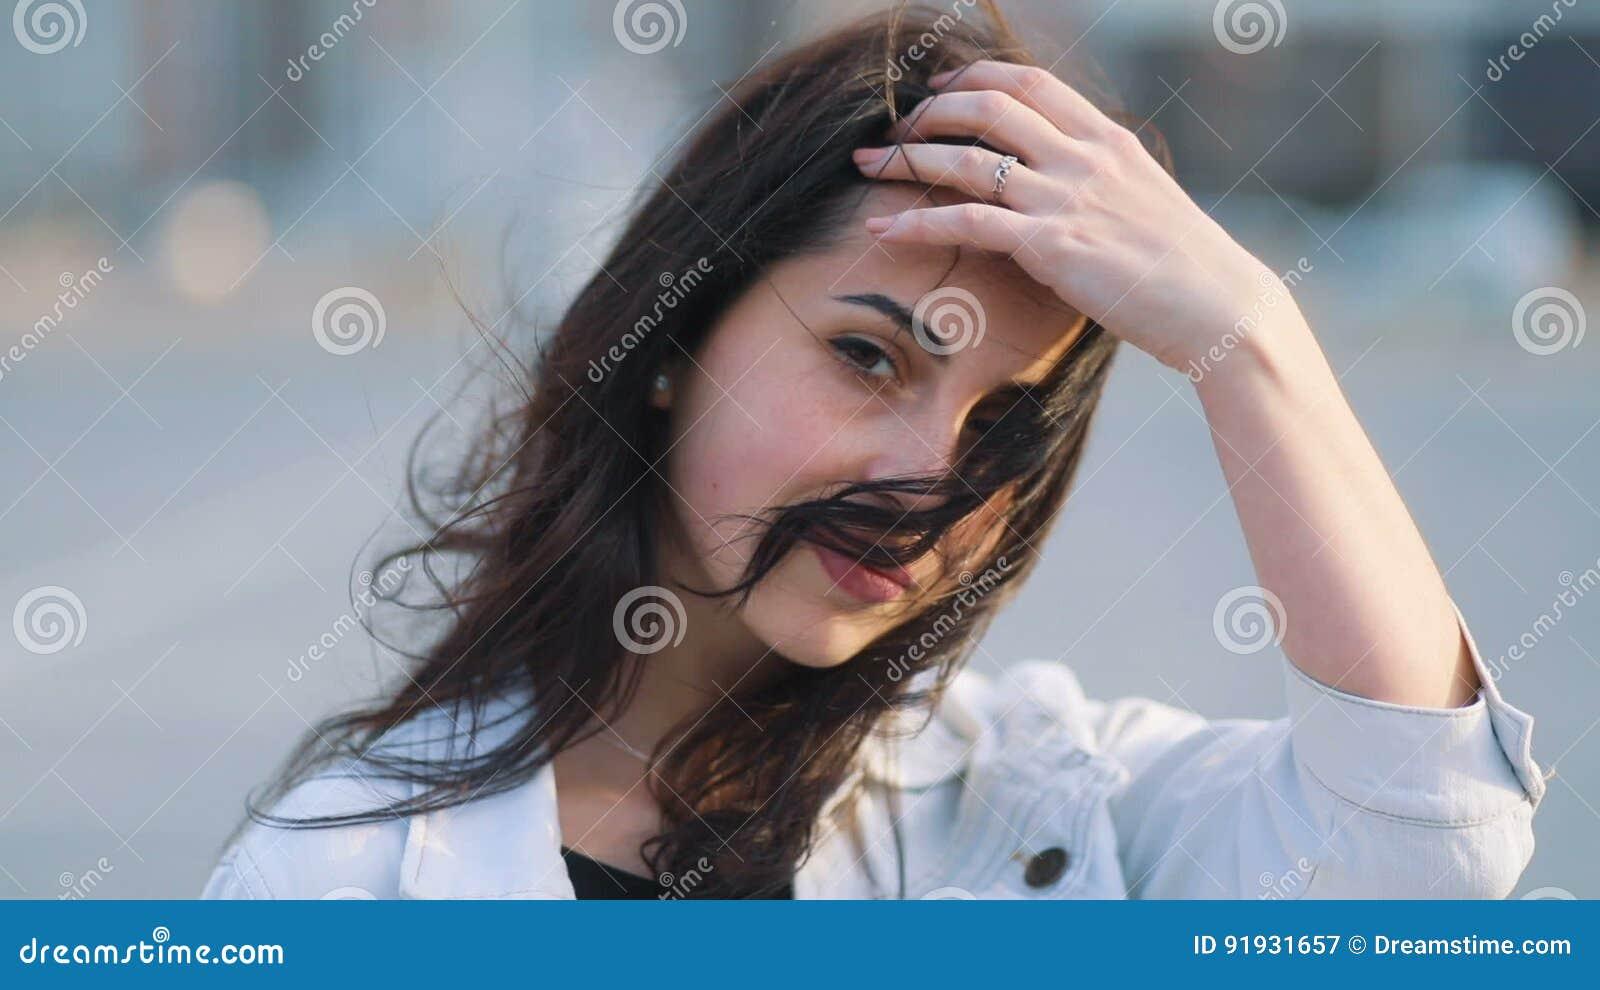 bd54cbef71d2 Das Jugendliche Schöne Kaukasische Mädchen Mit Dem Langen Braunen Haar  Vorwärts Gehend Zur Kamera Streicheln Ihren Kopf Und Läche Stock Video -  Video von ...